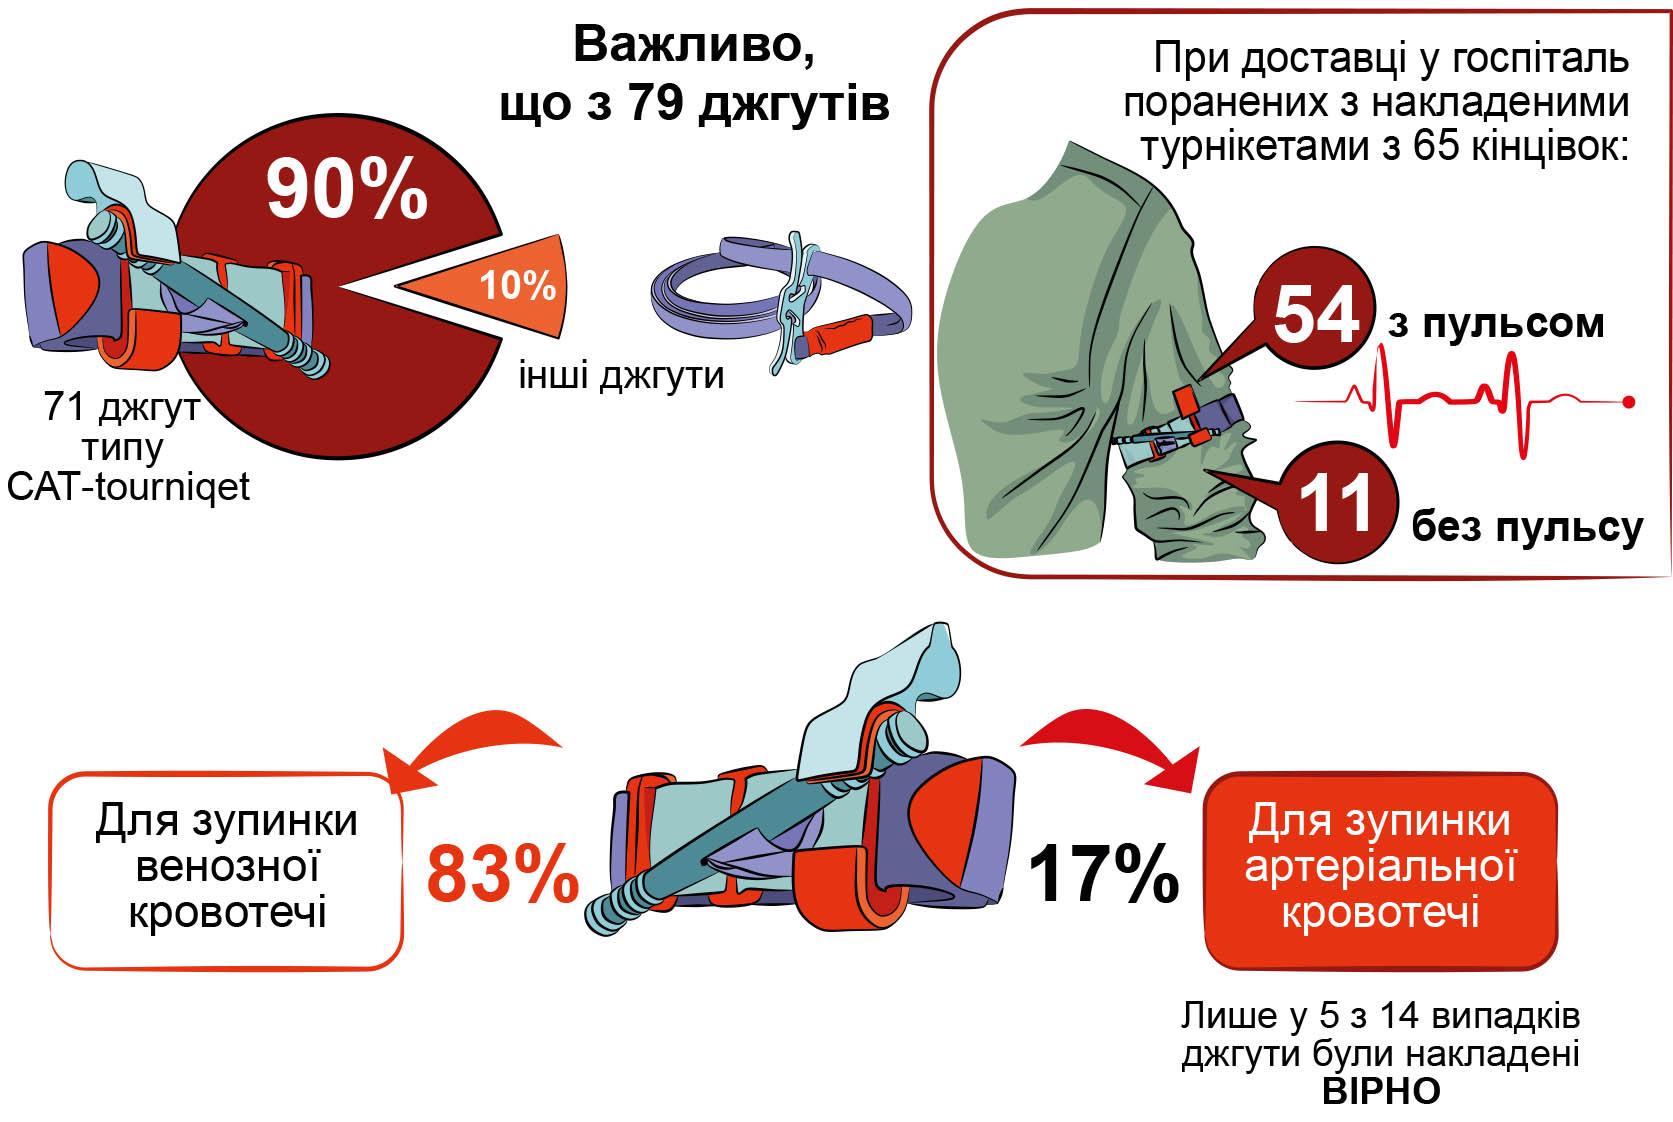 статистика застосування кровоспинних джгутів турнікетів